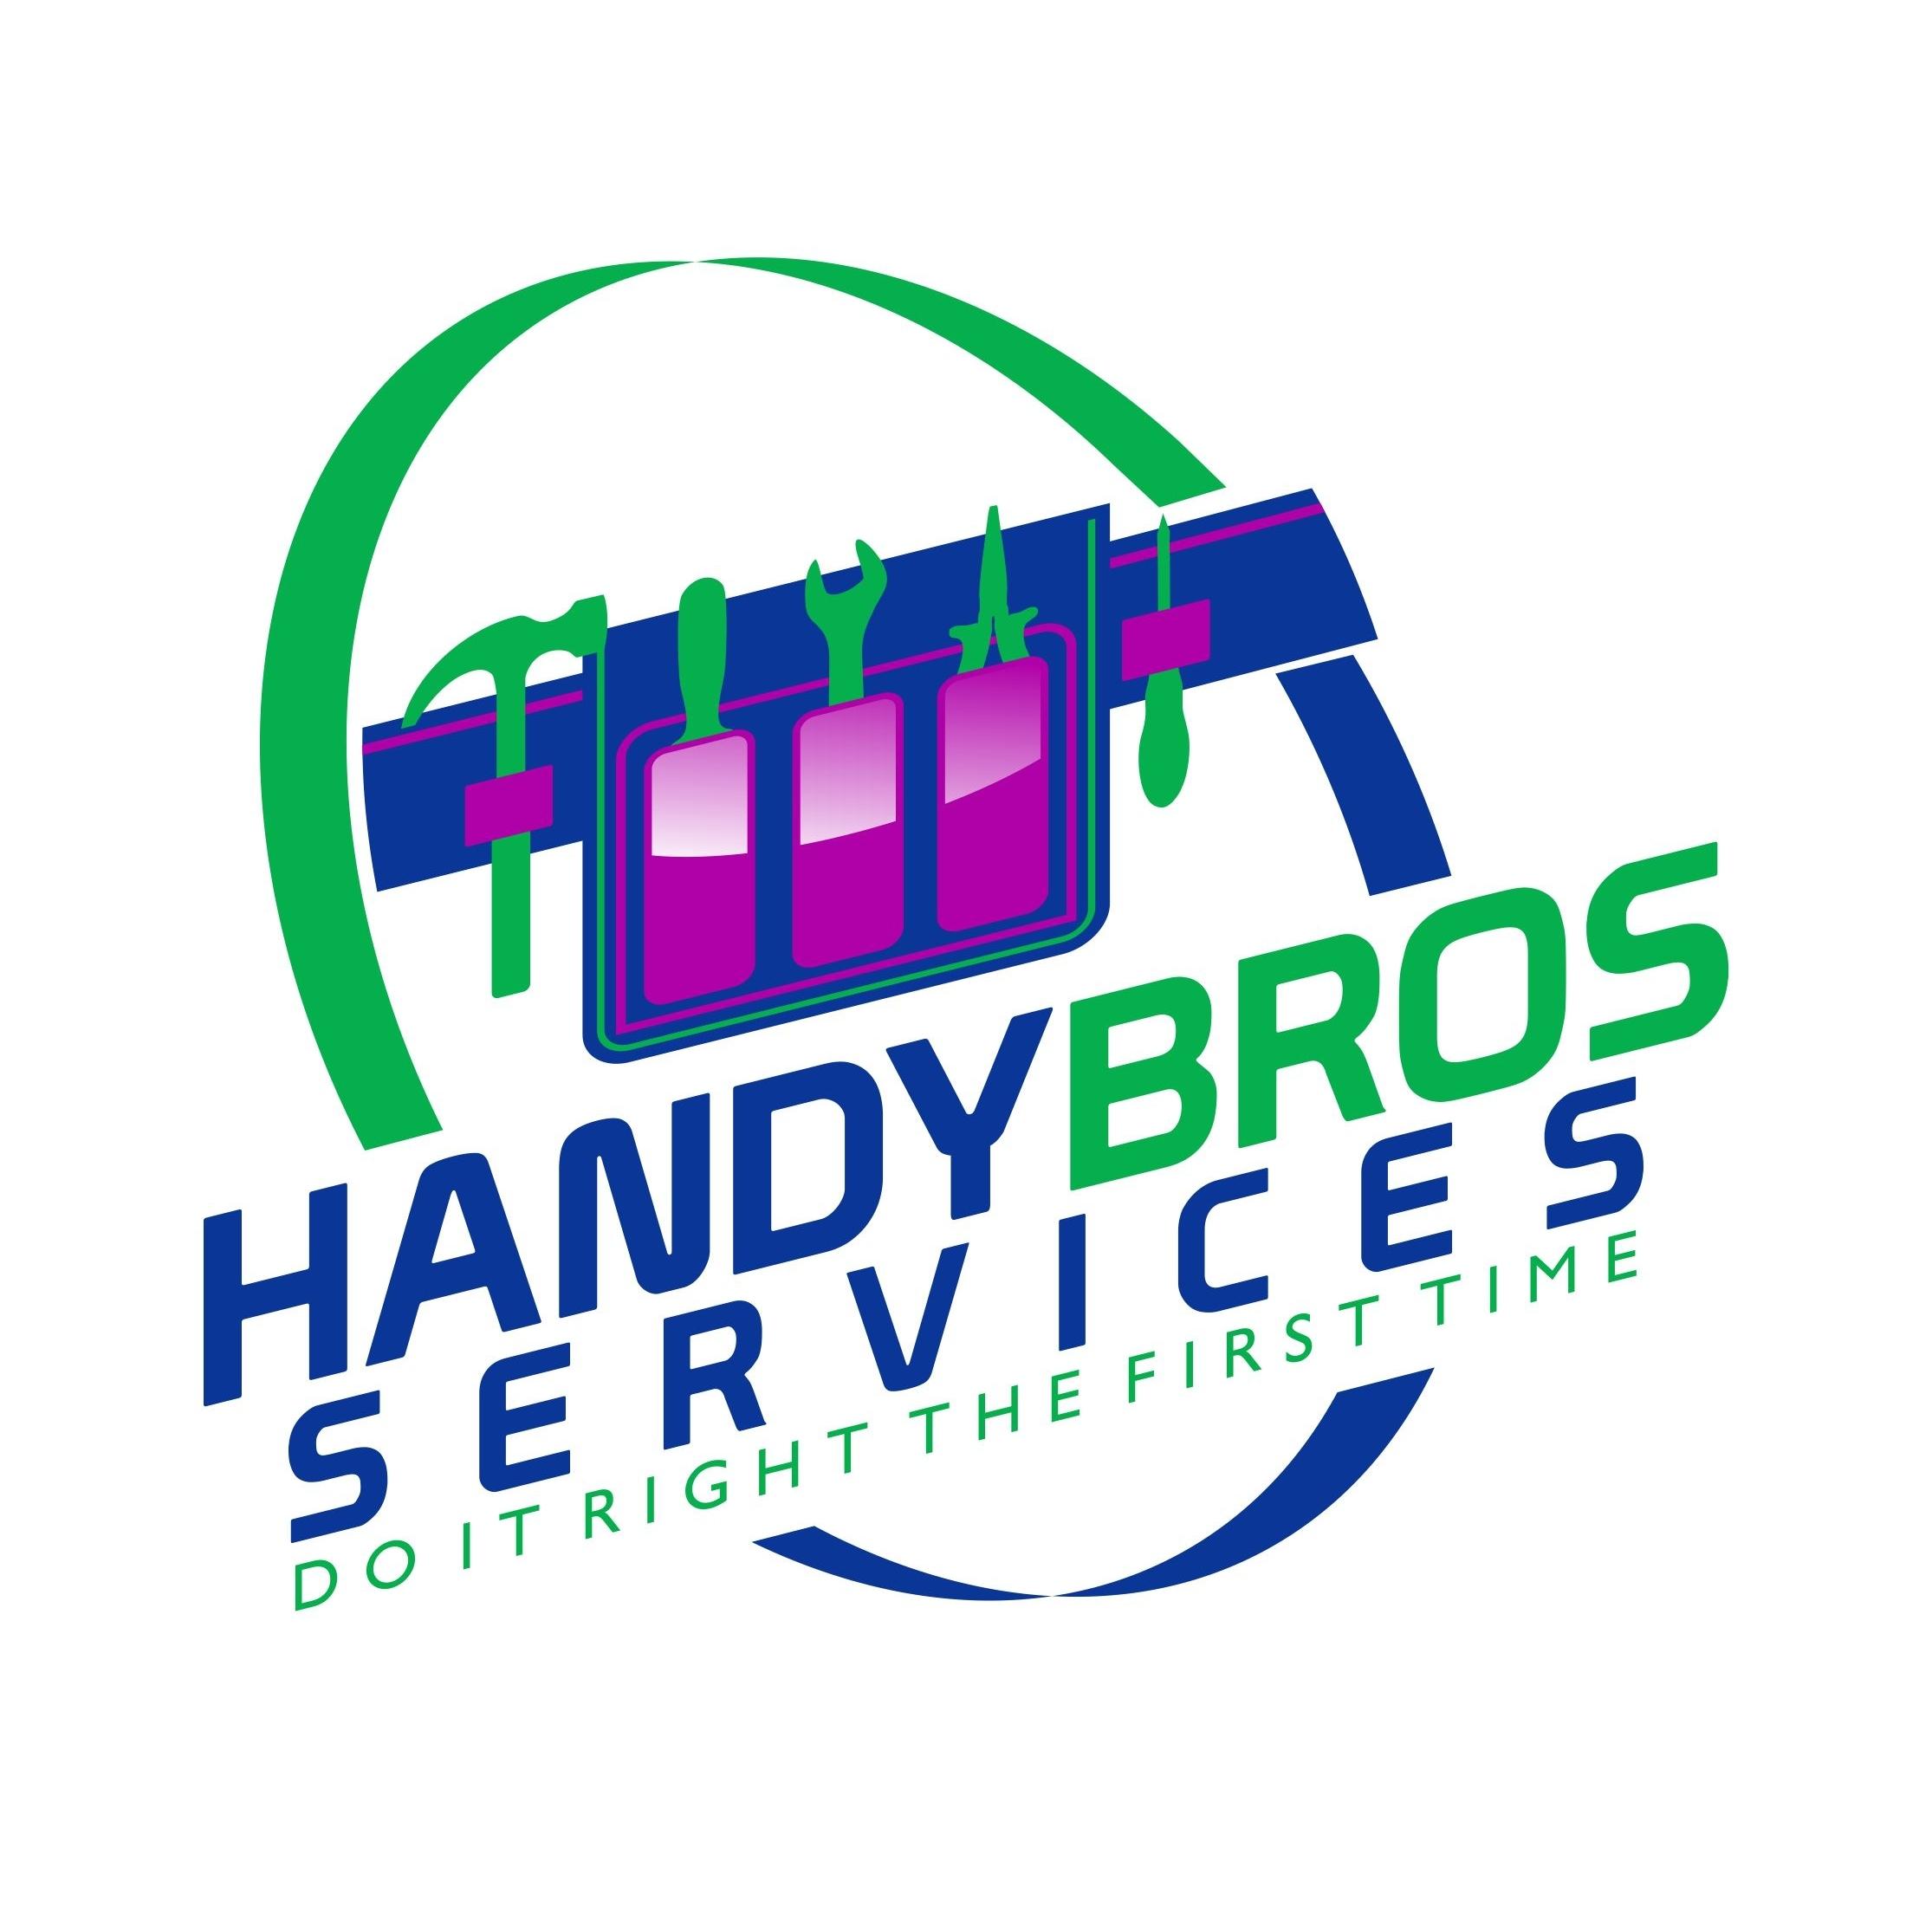 HandyBros Services